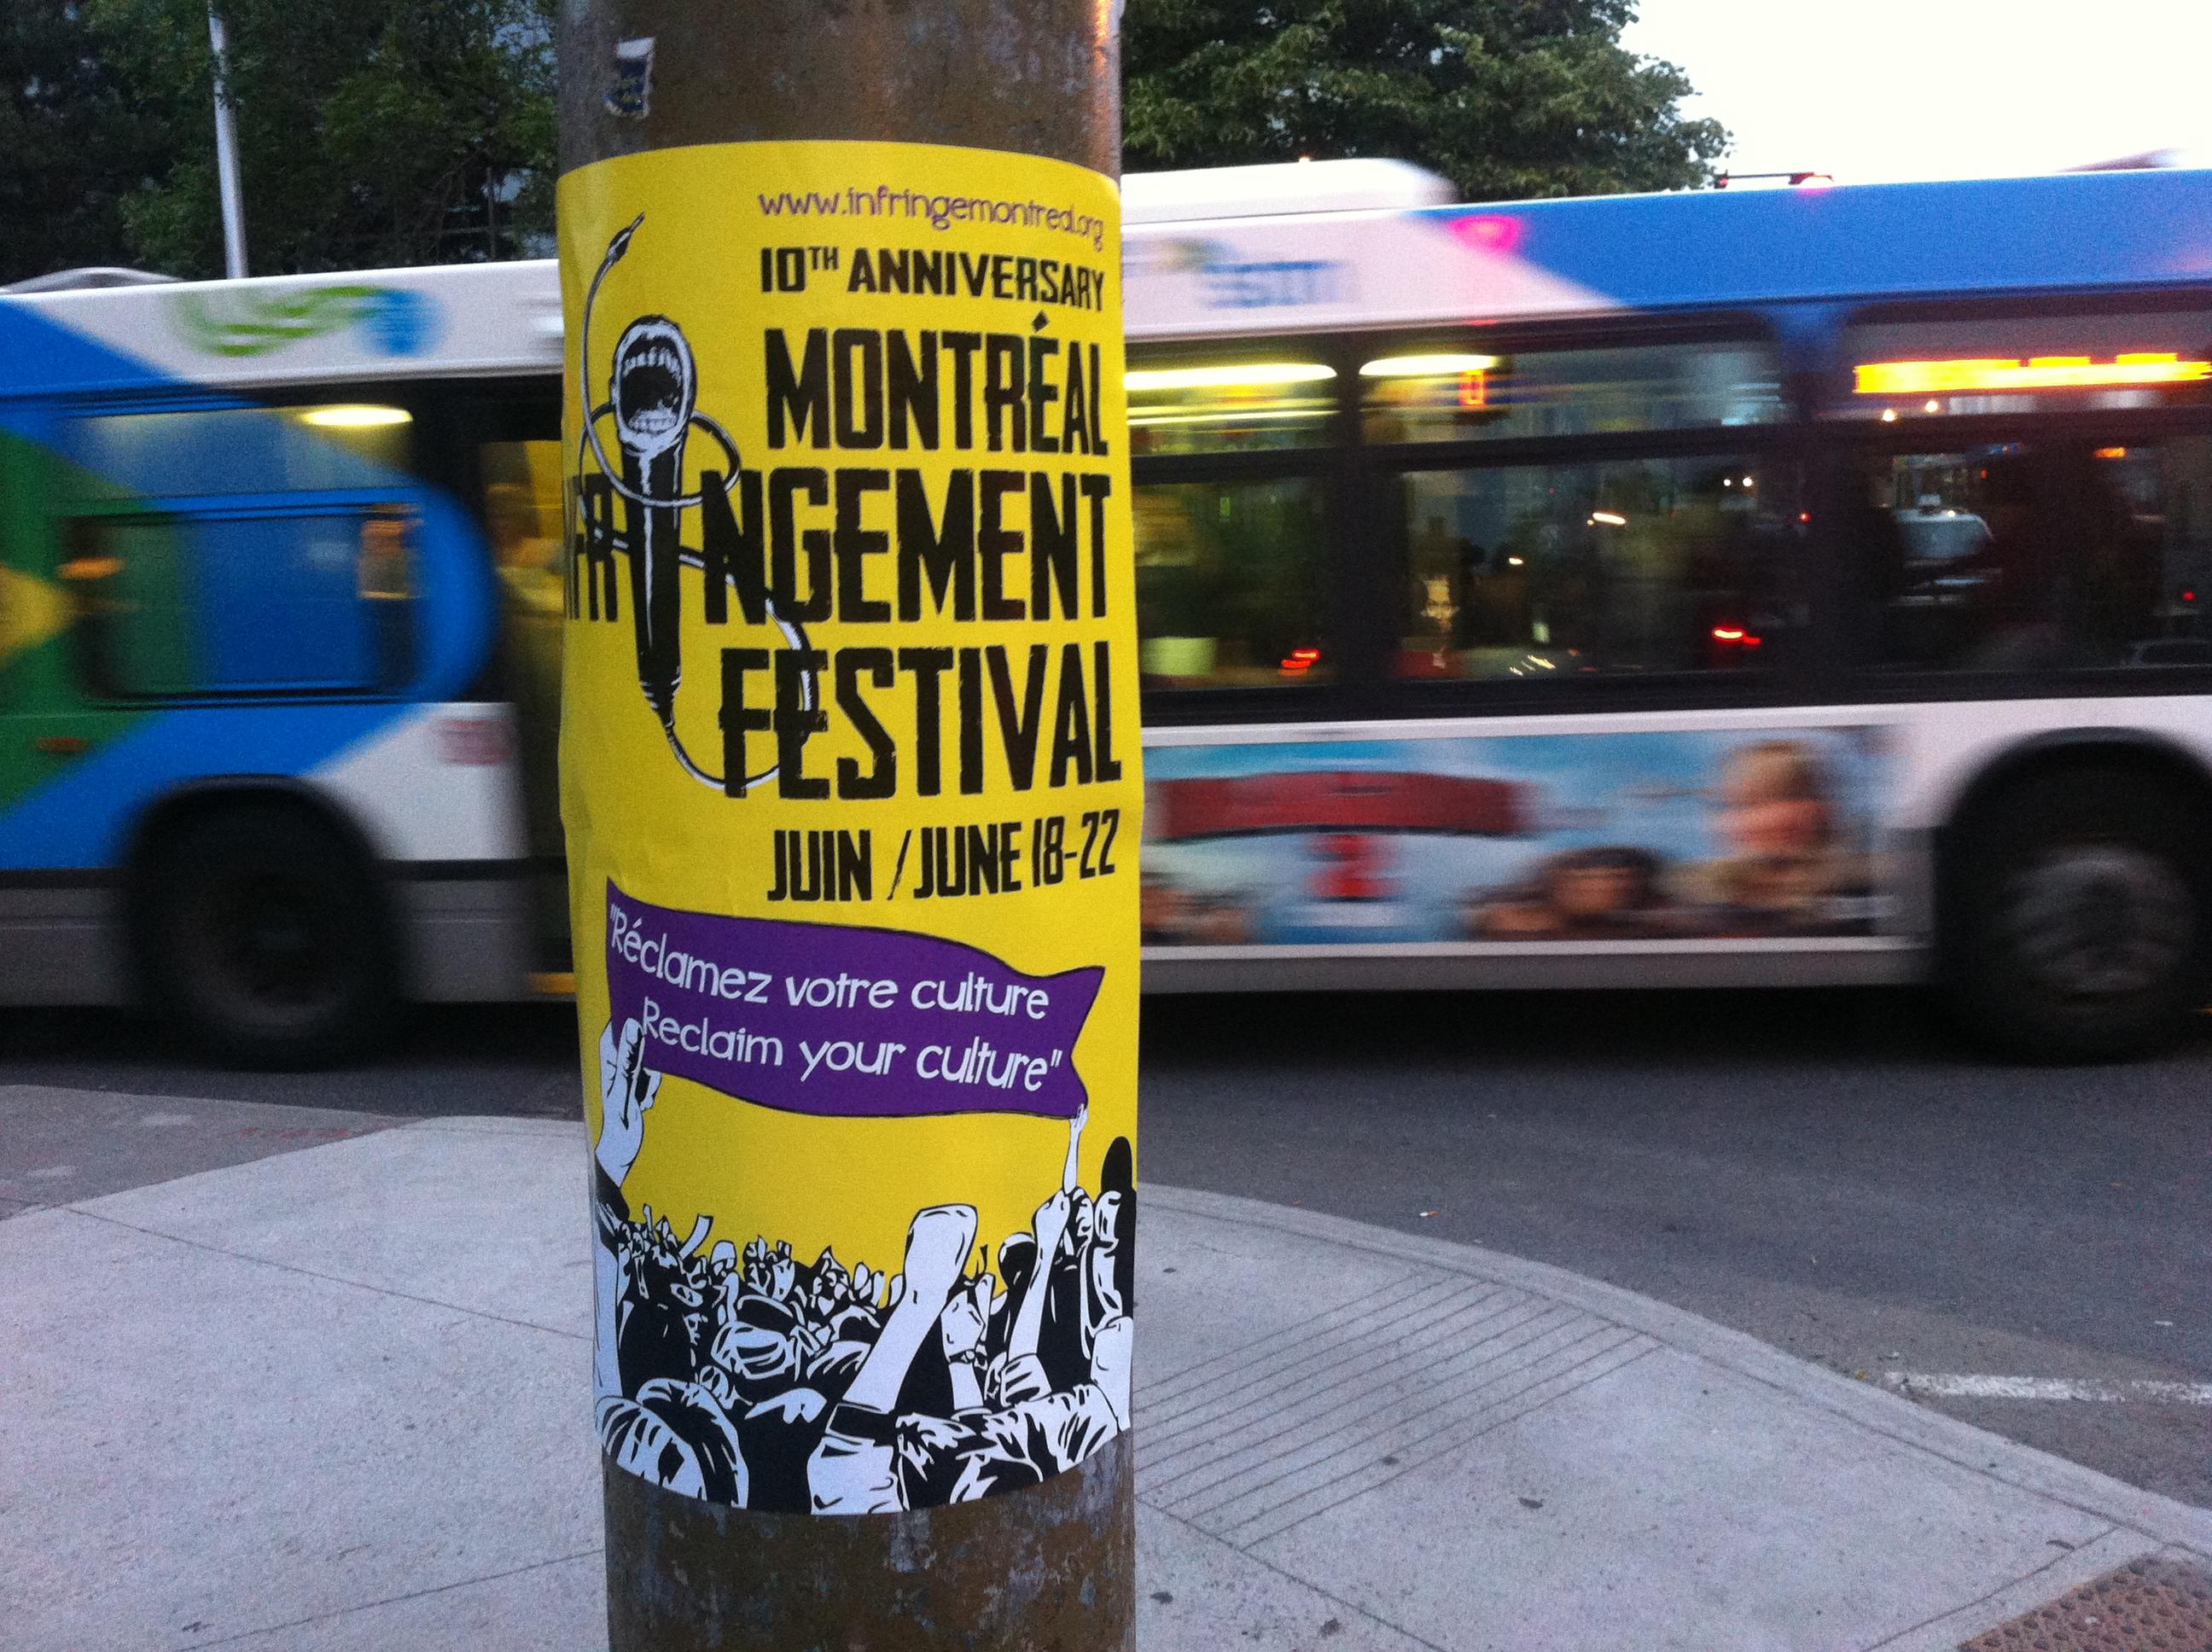 infringement festival 2014 poster